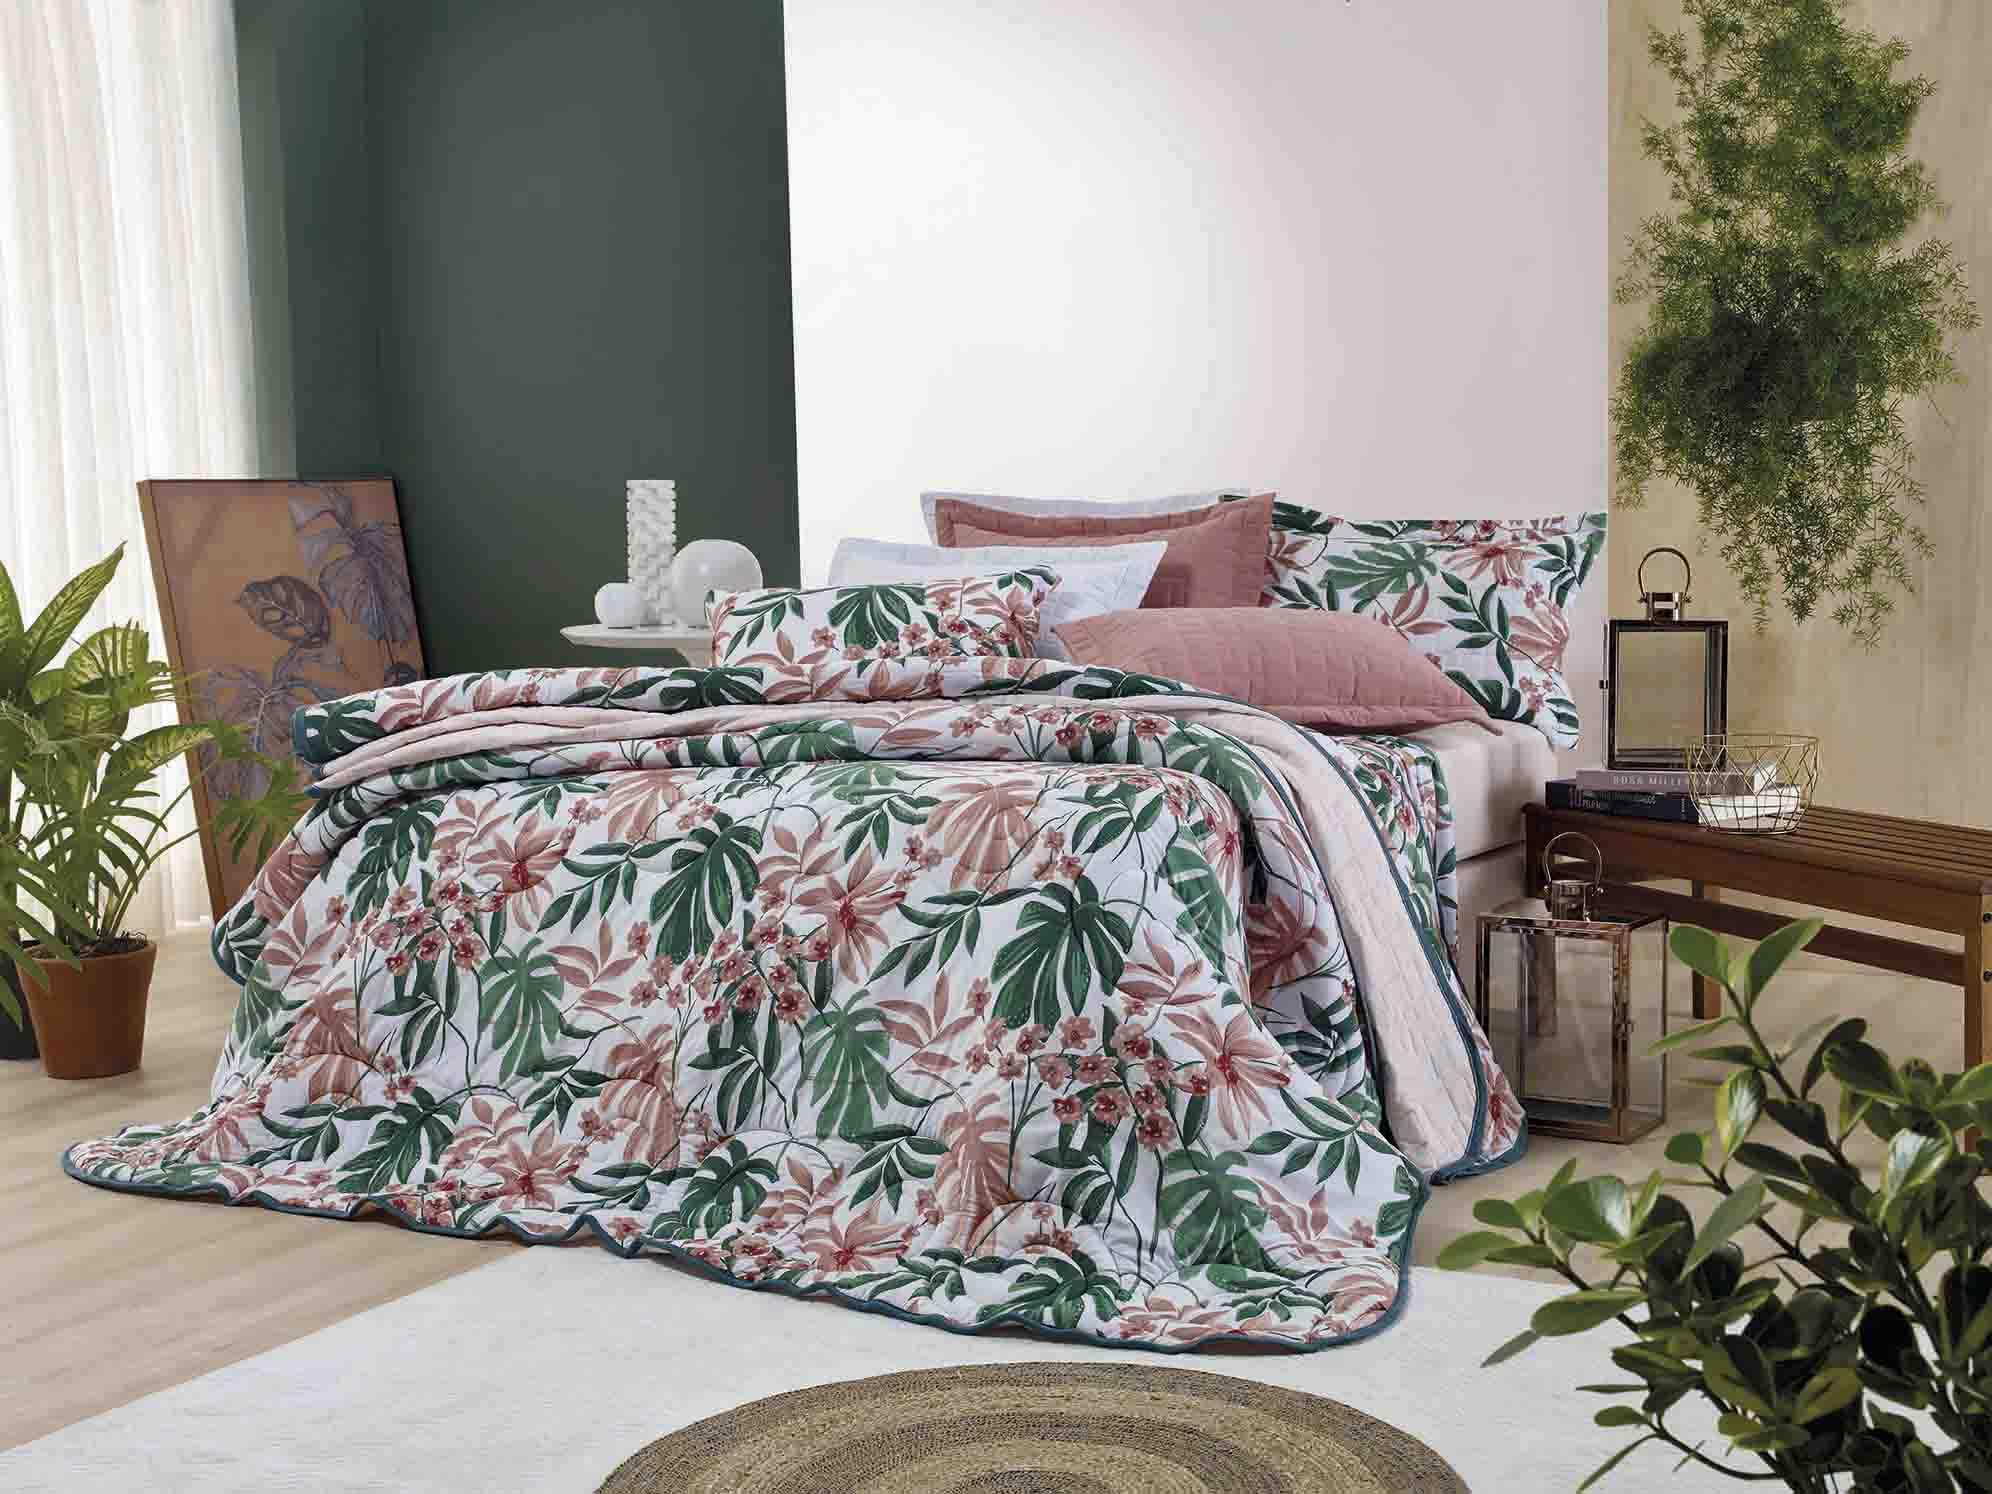 Edredom de Malha Estampado Floral Dianneli Folliage 100% Algodão